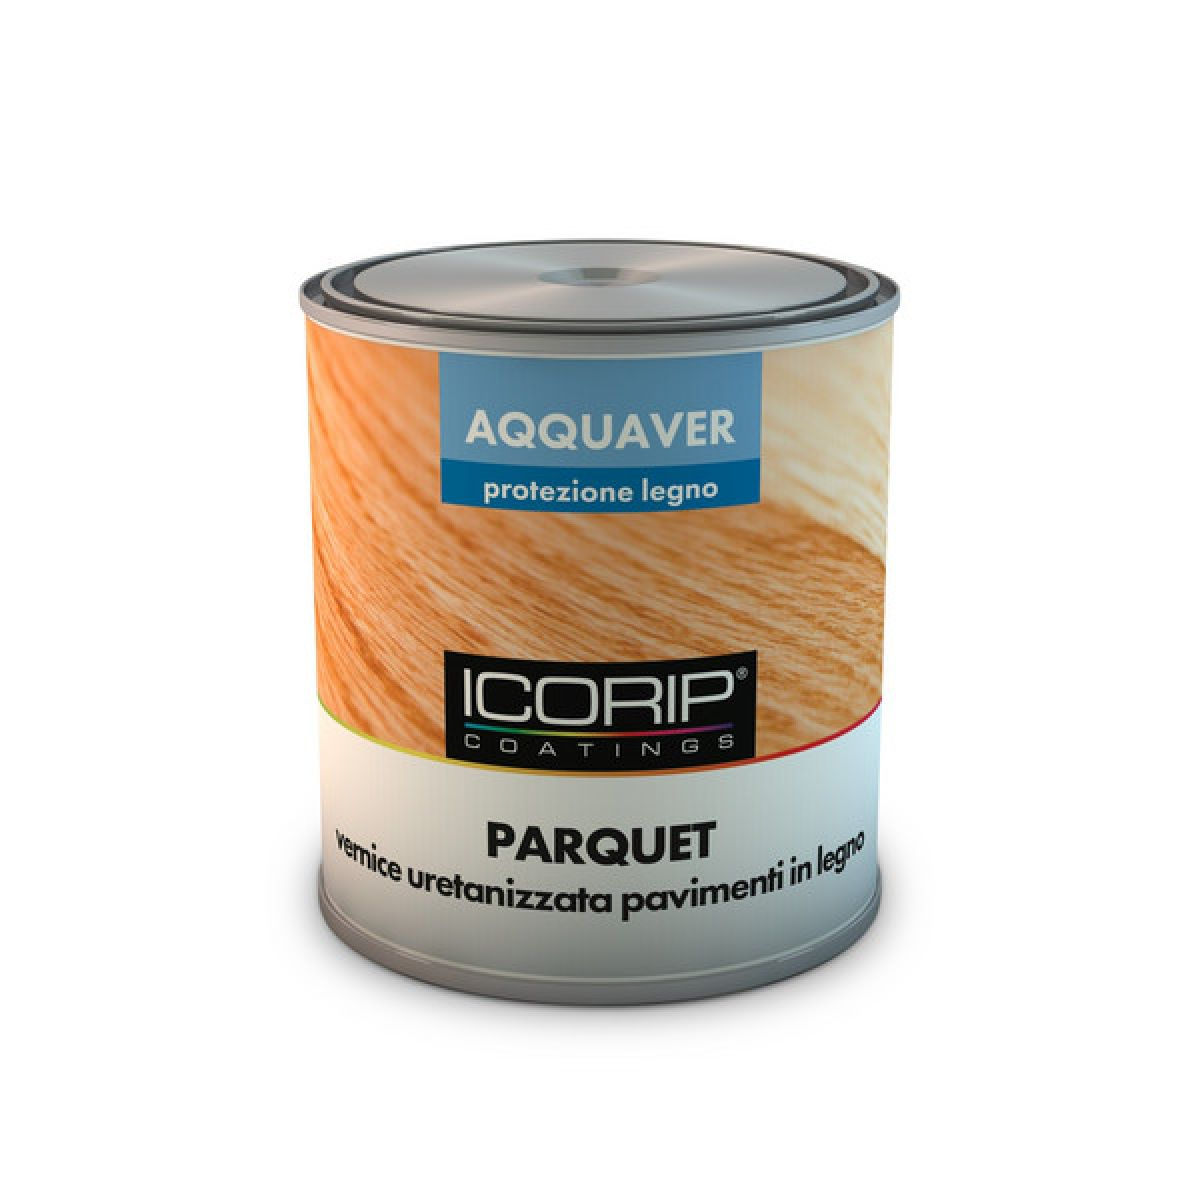 AQQUAVER PARQUET 750 ml FINITURA SATINATA Vernice all'acqua uretanizzata, resistente al graffio e all'abrasione